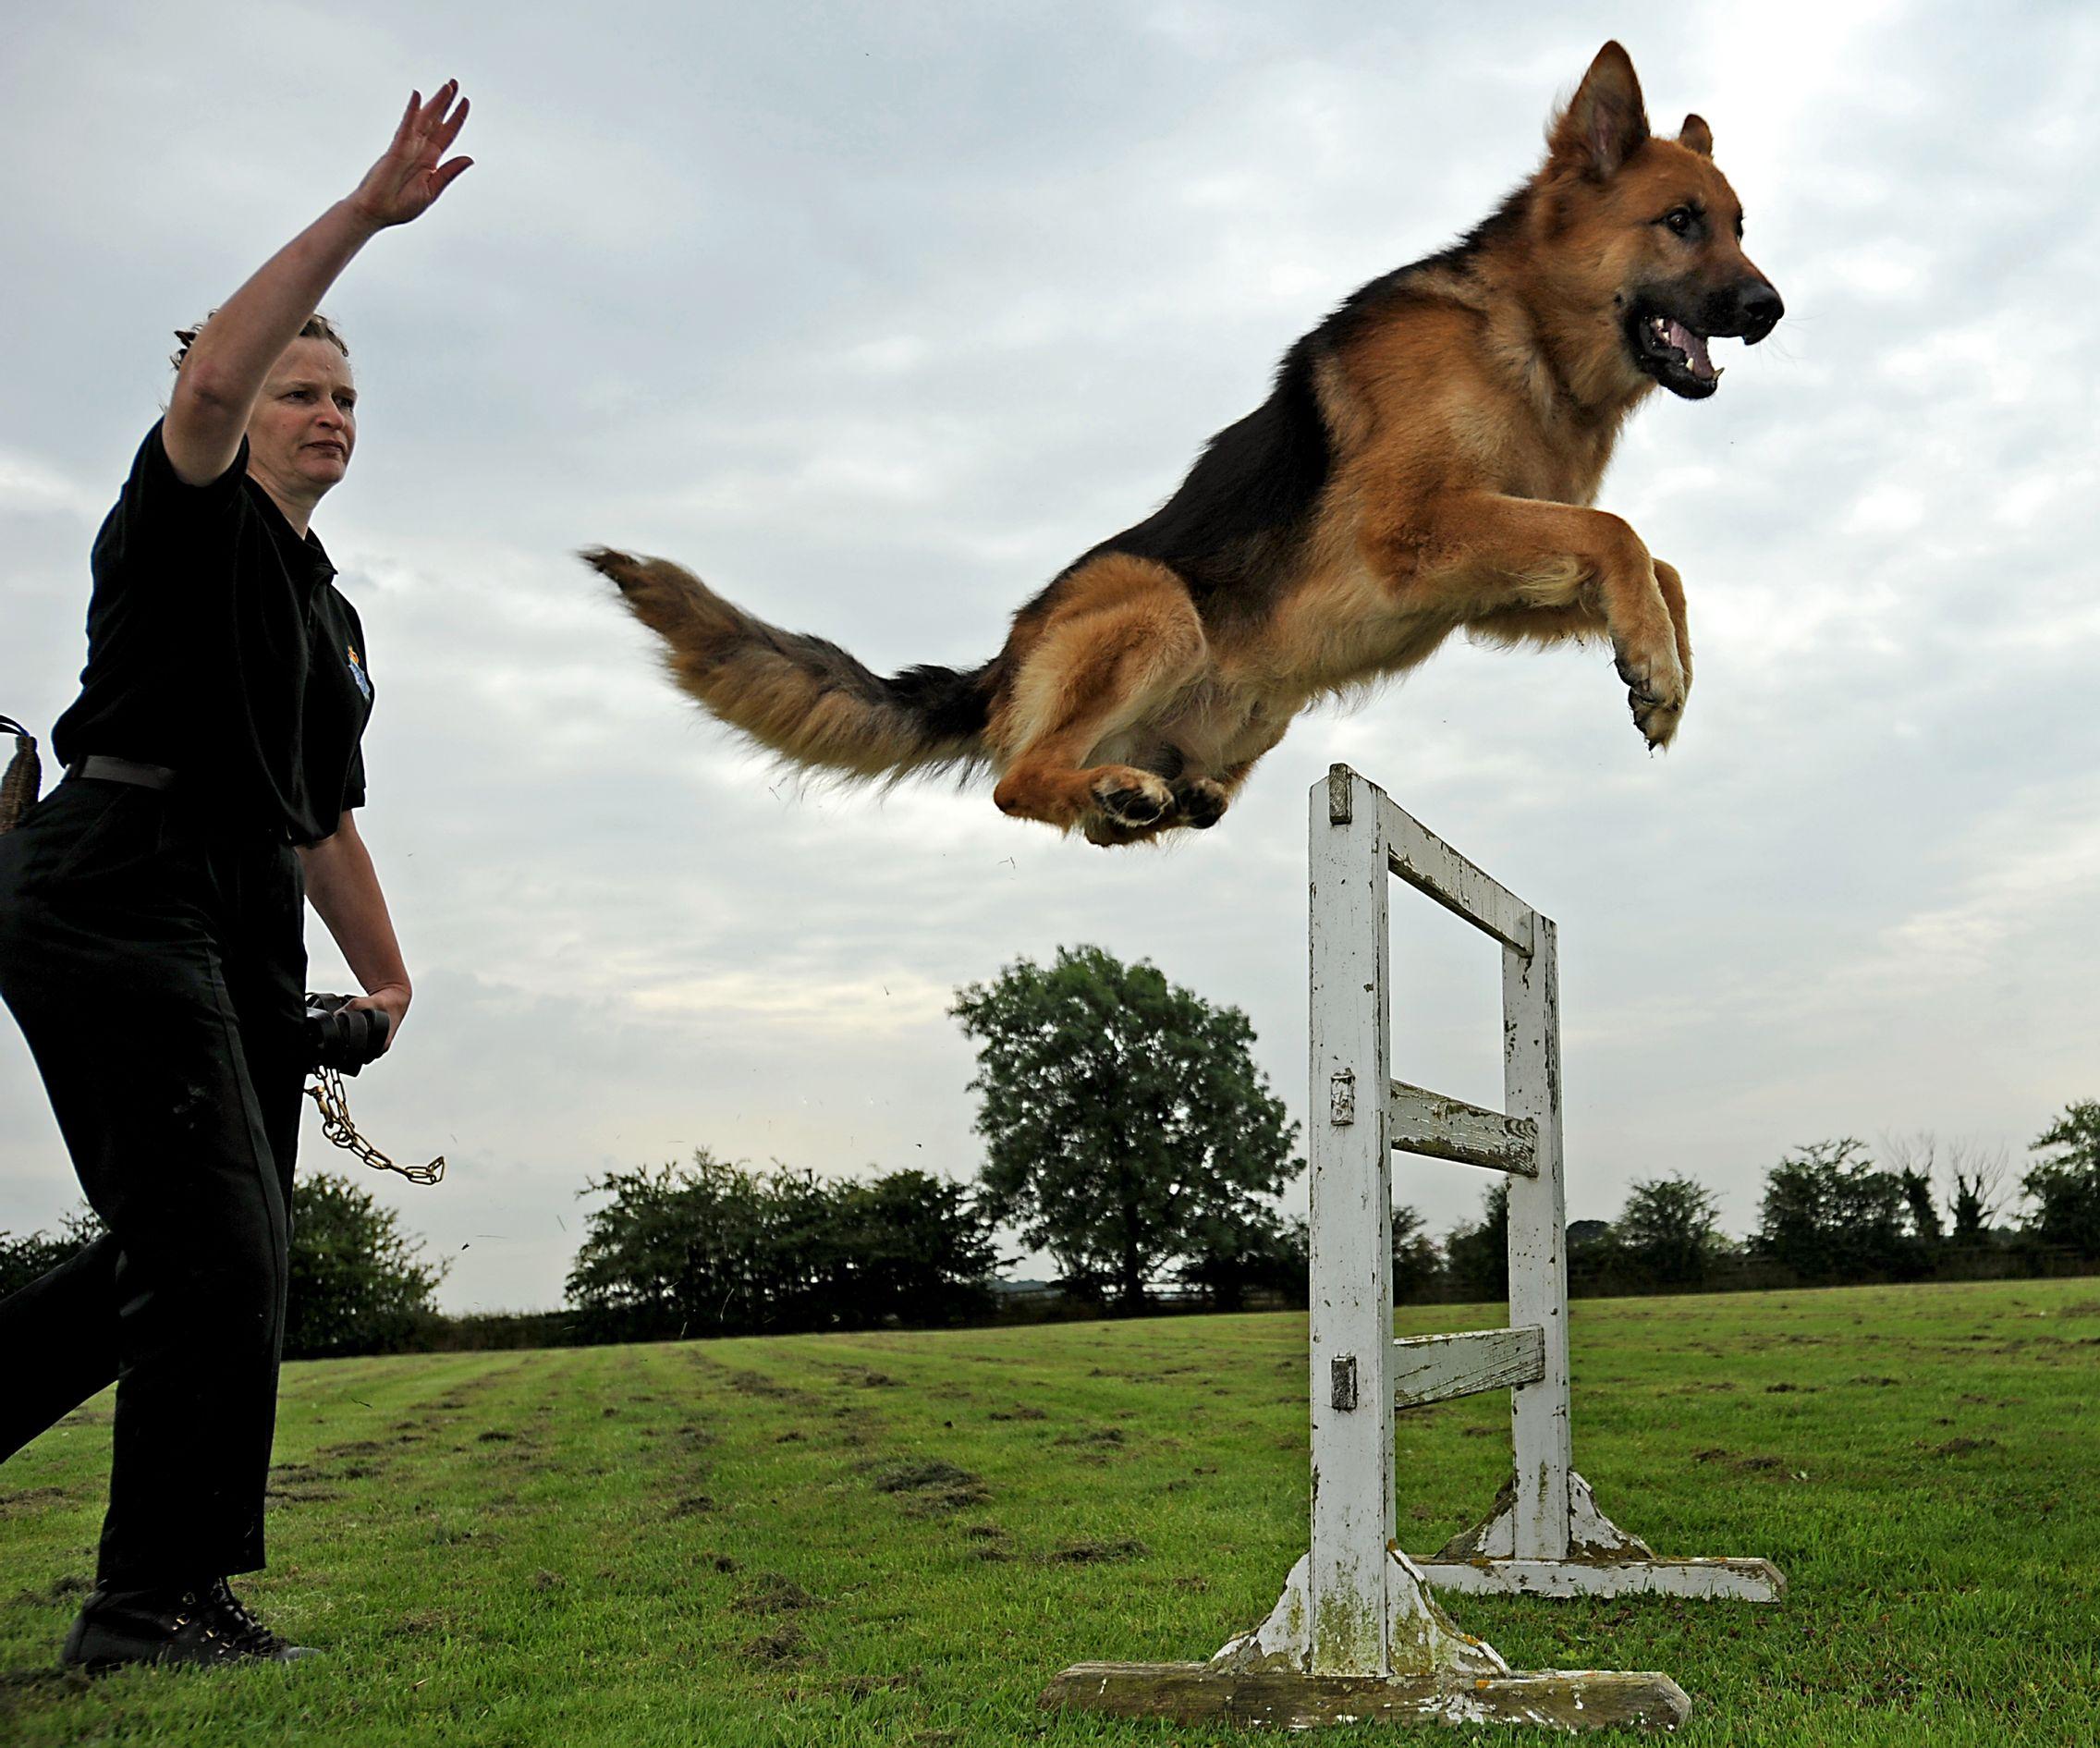 کسب و کار آموزش سگ